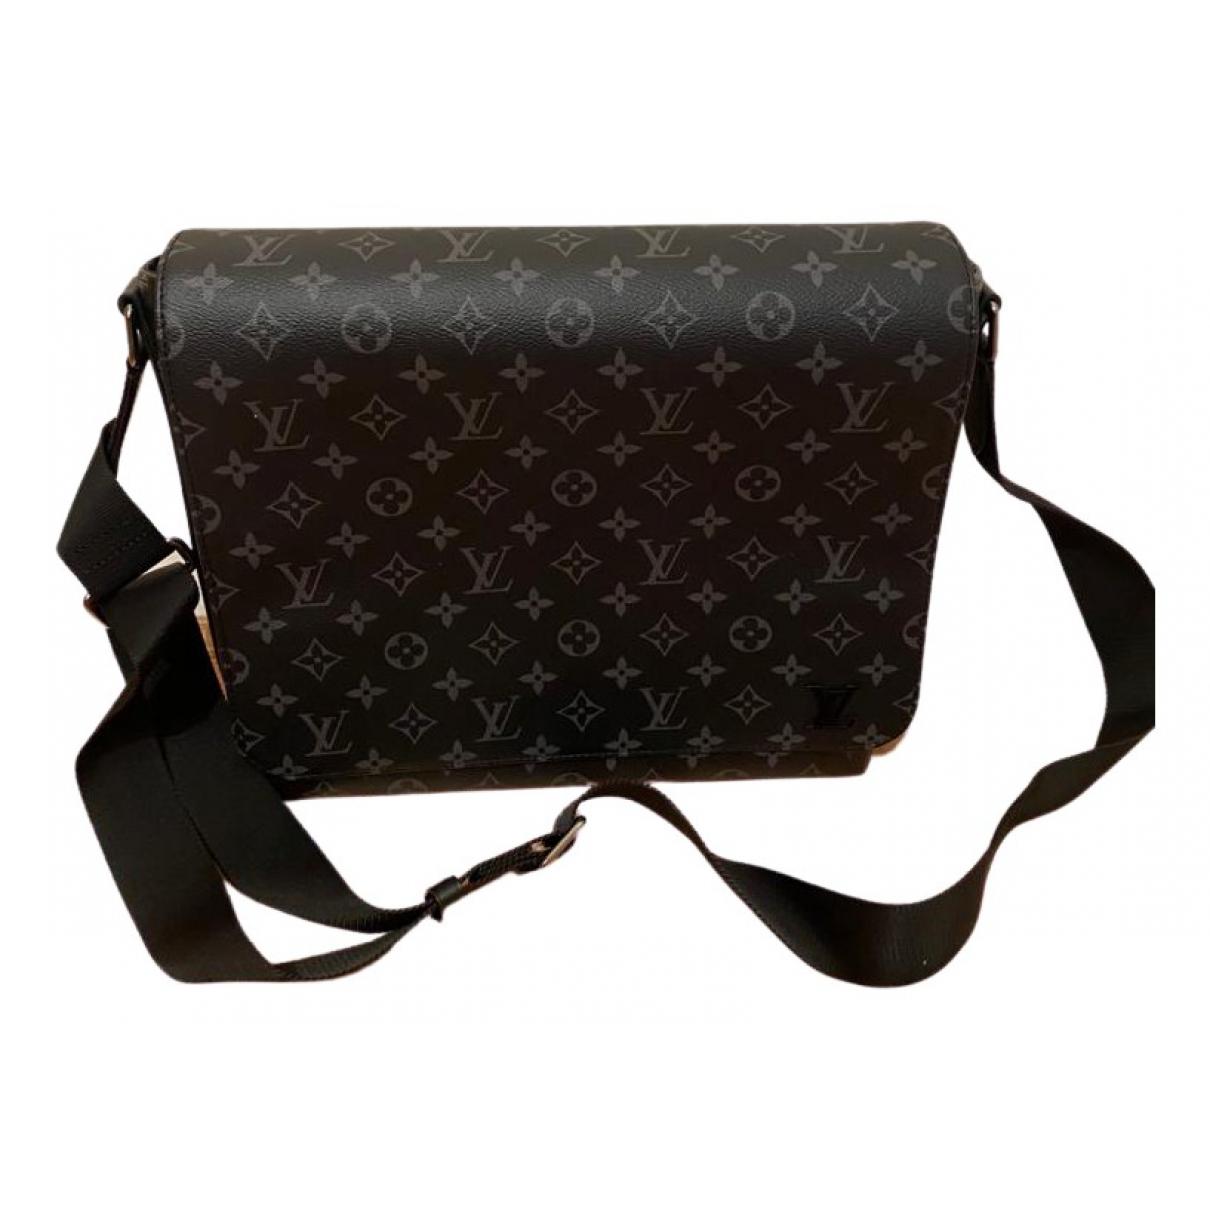 Louis Vuitton District Black Cloth bag for Men \N